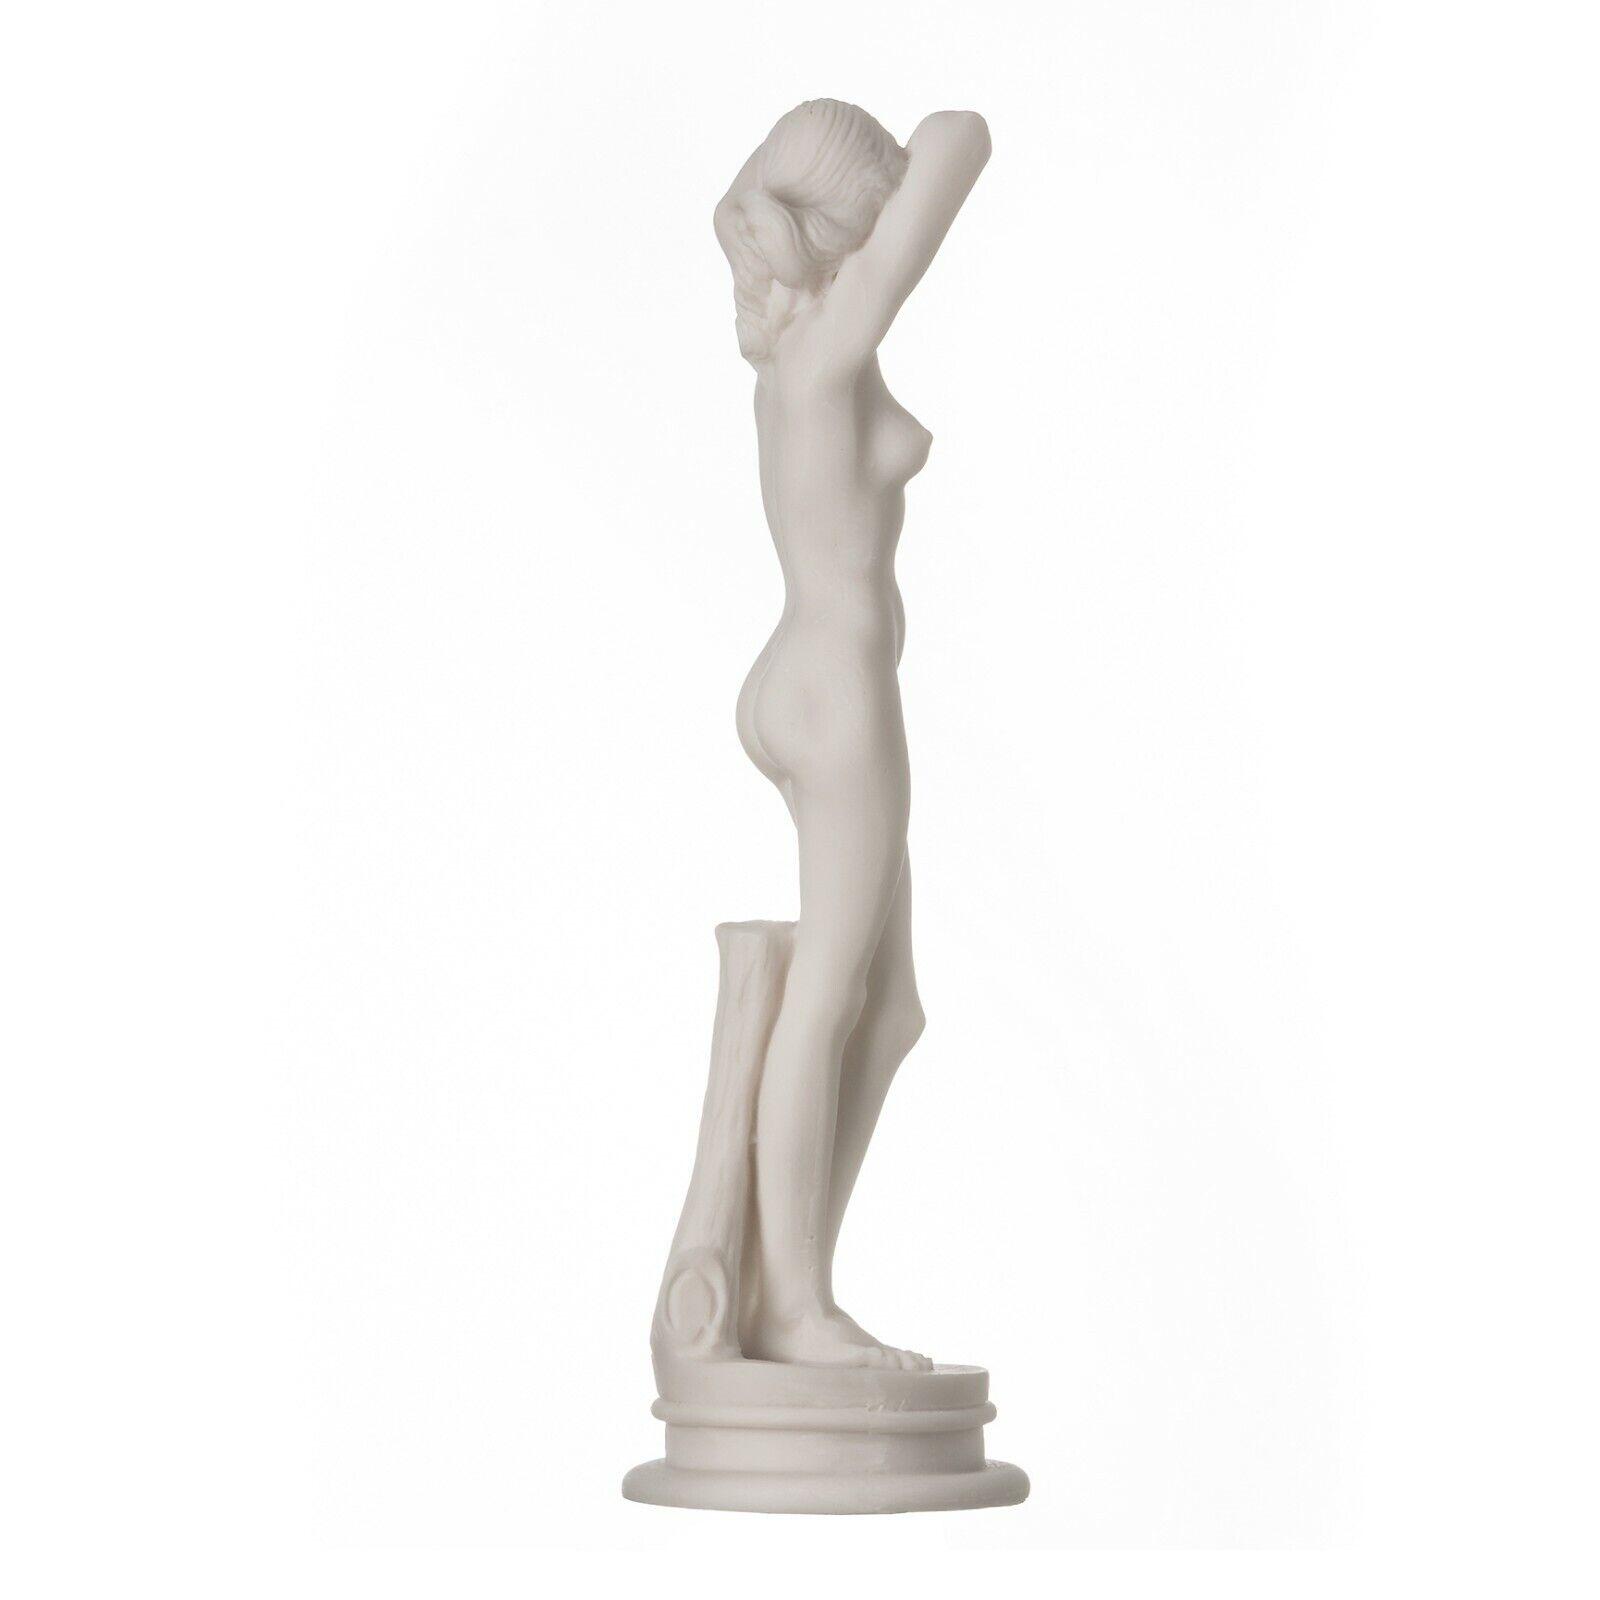 Alabaster sculpture slender nude